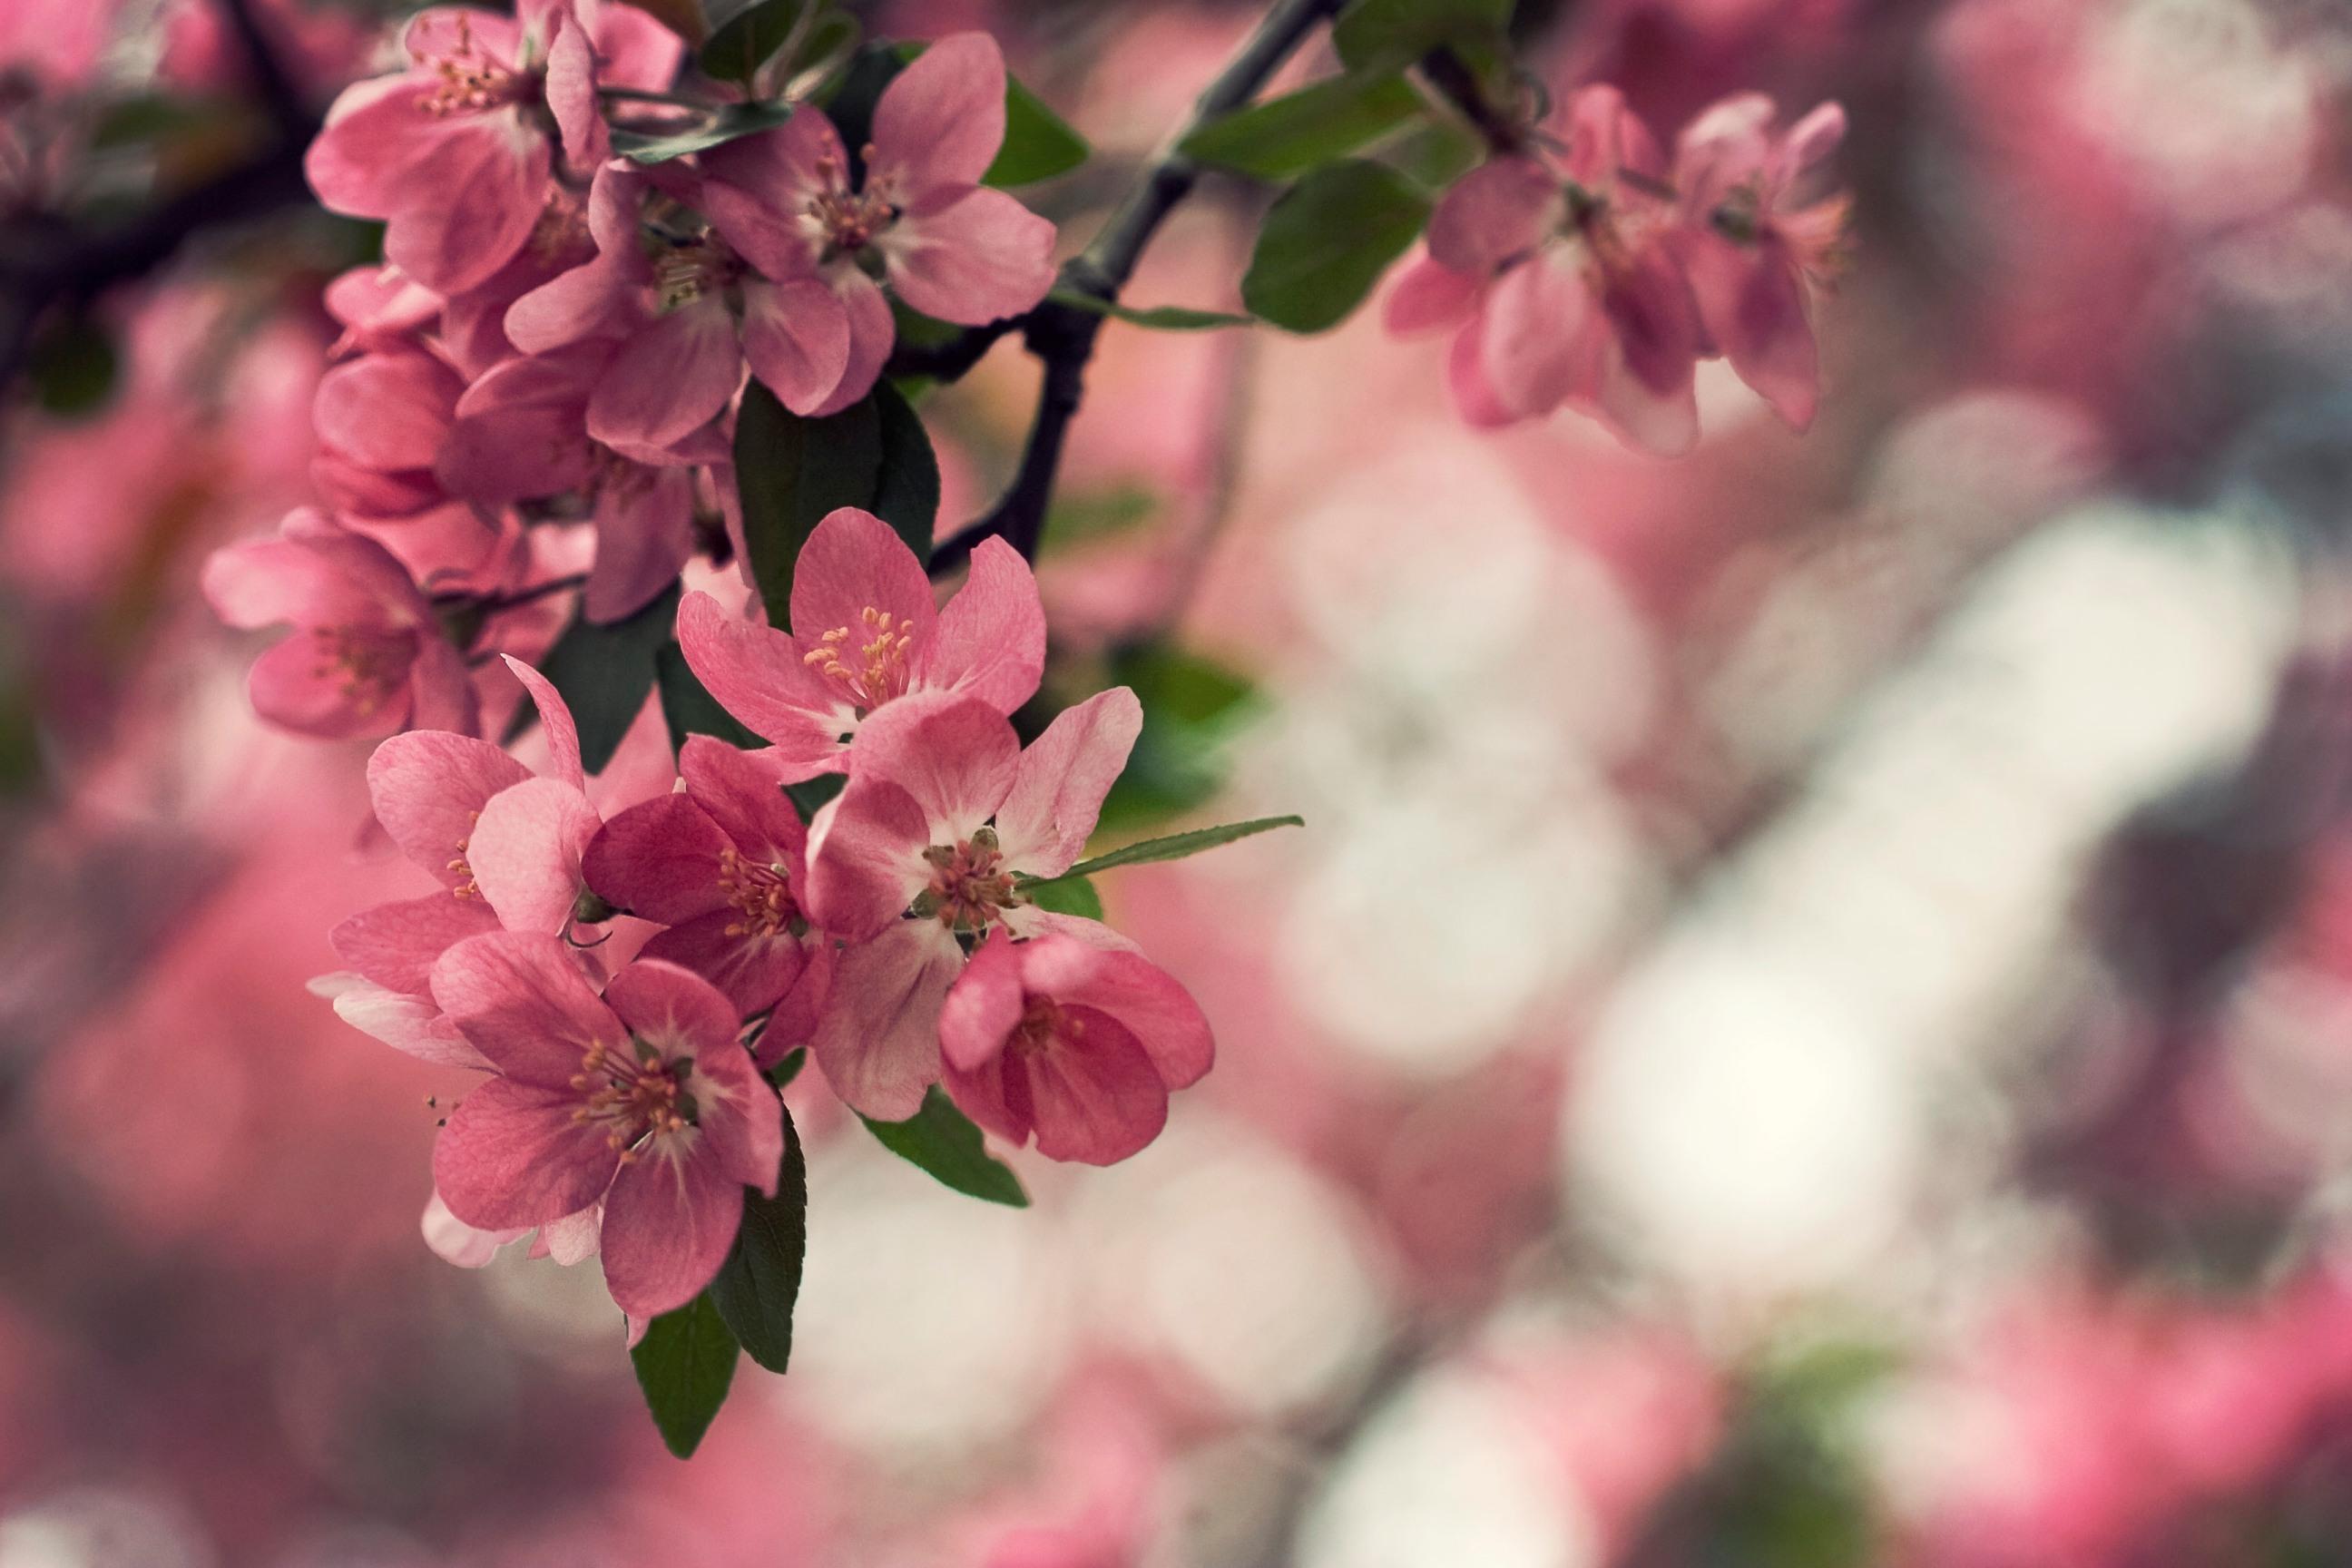 Красивые картинки с природой и цветами на телефон, сталкер